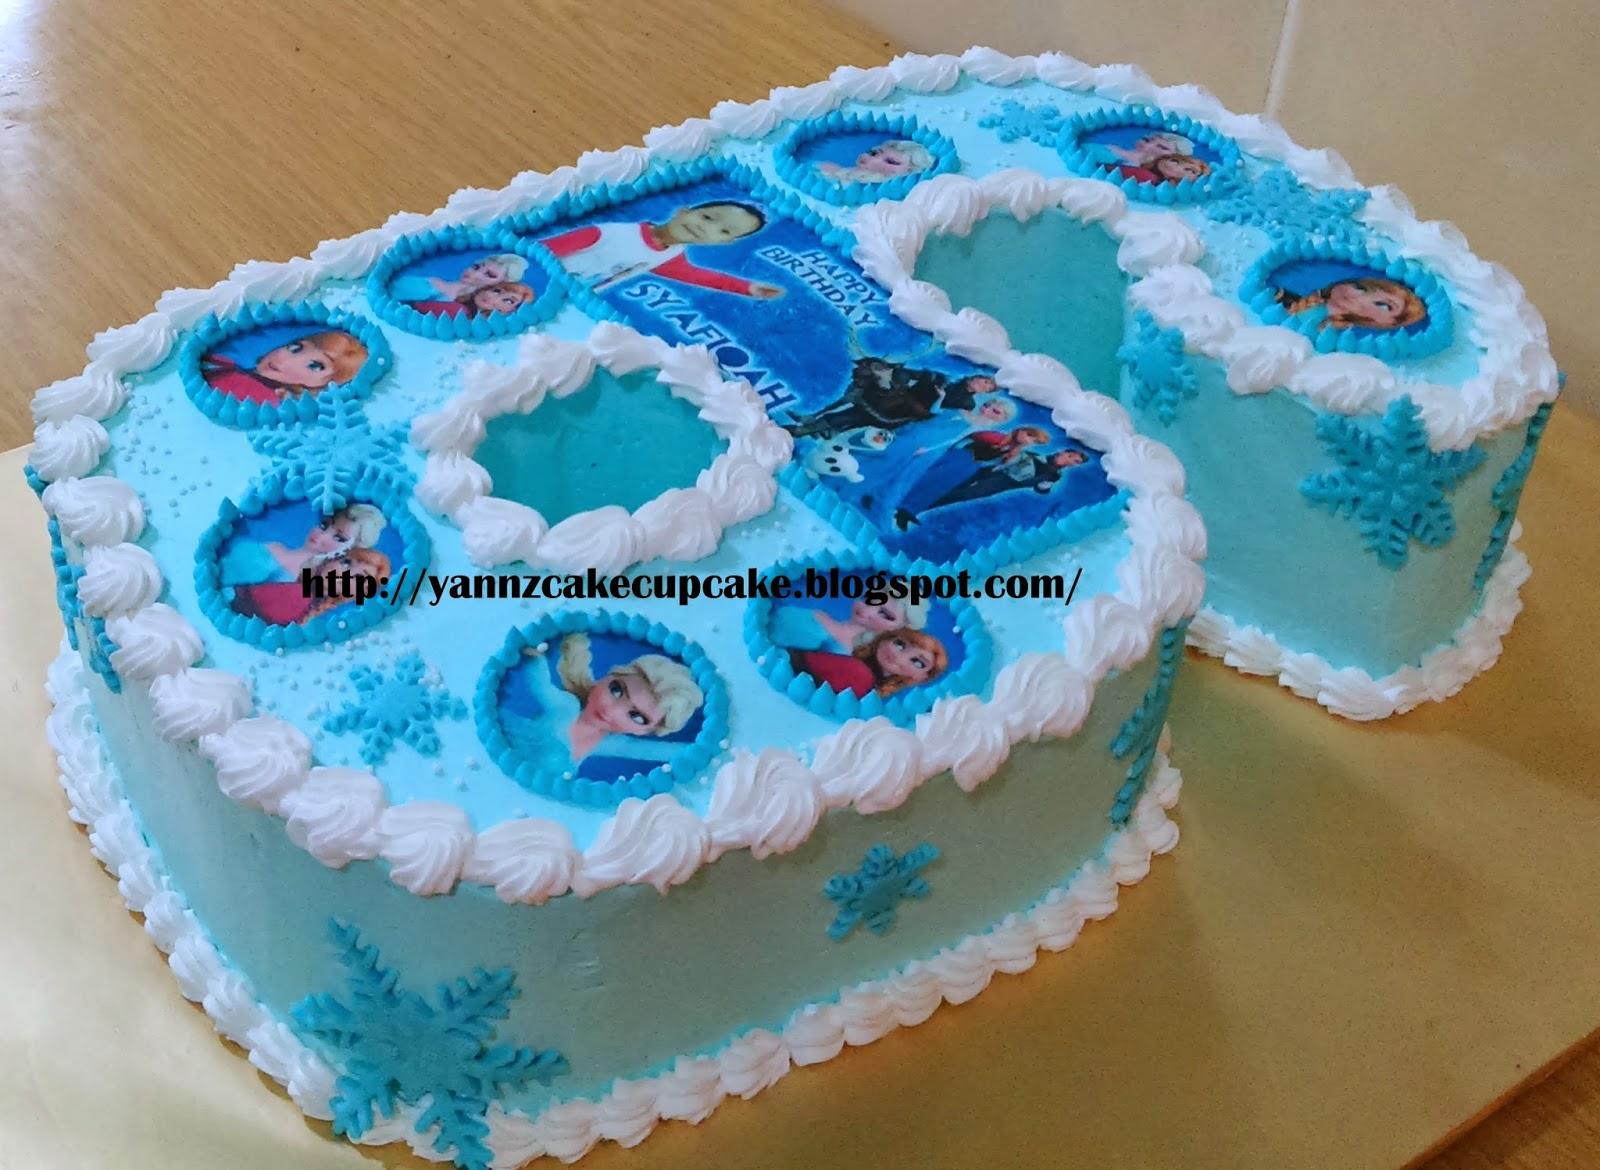 Number 6 Cake Yannzcakecupcakecom